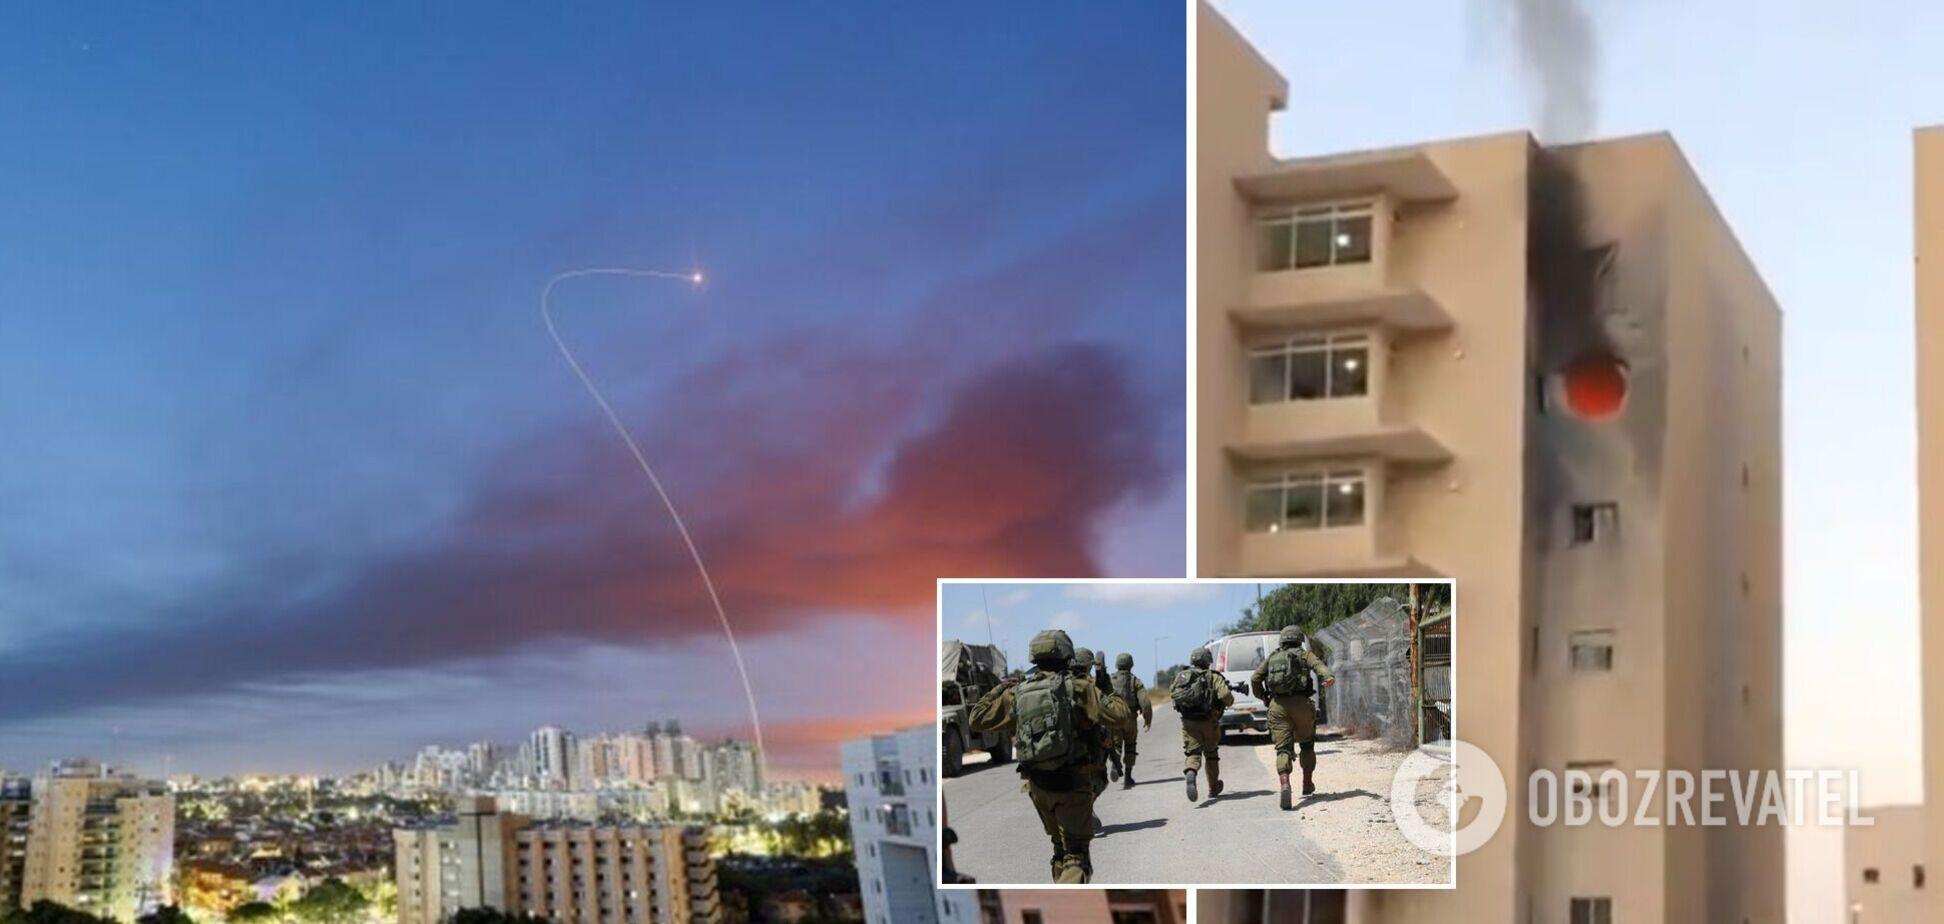 'Залізний купол' Ізраїлю не впорався з атакою 130 ракет: загинула дитина, є поранені. Фото та відео